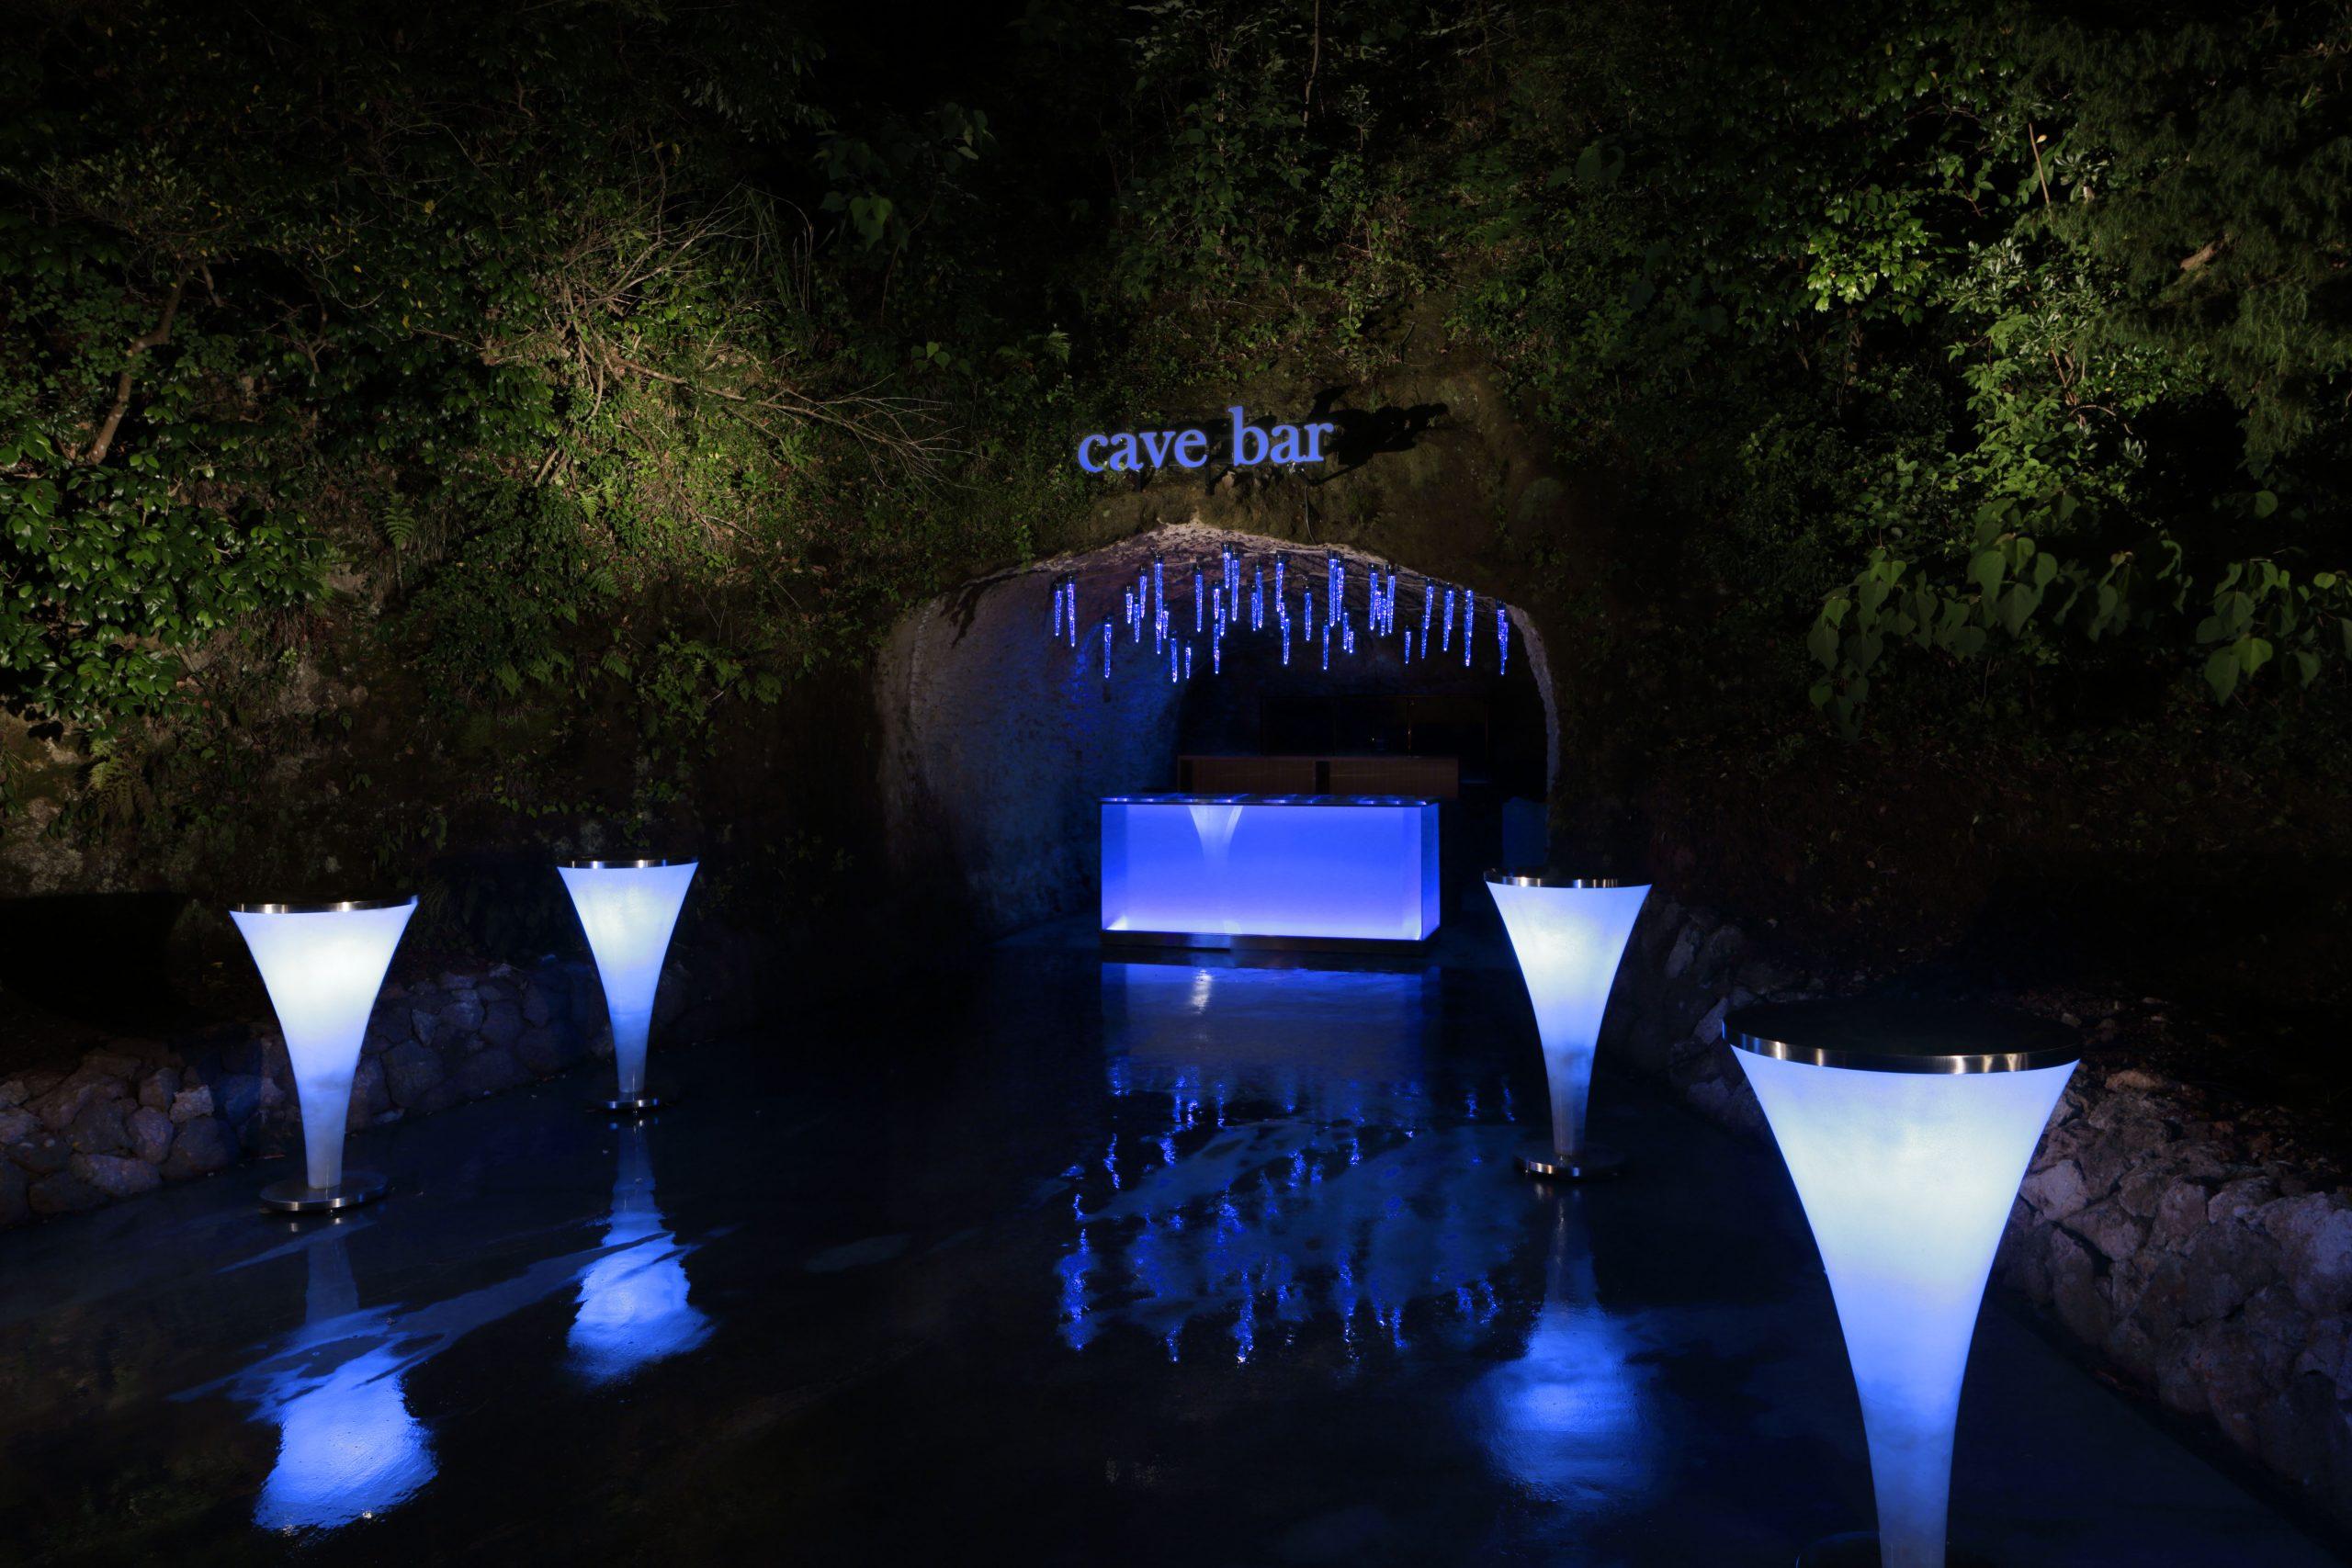 昼夜問わず大人同士で楽しむ「CAVE BAR」。 洞窟の形状をそのまま活かした独創的な空間です。